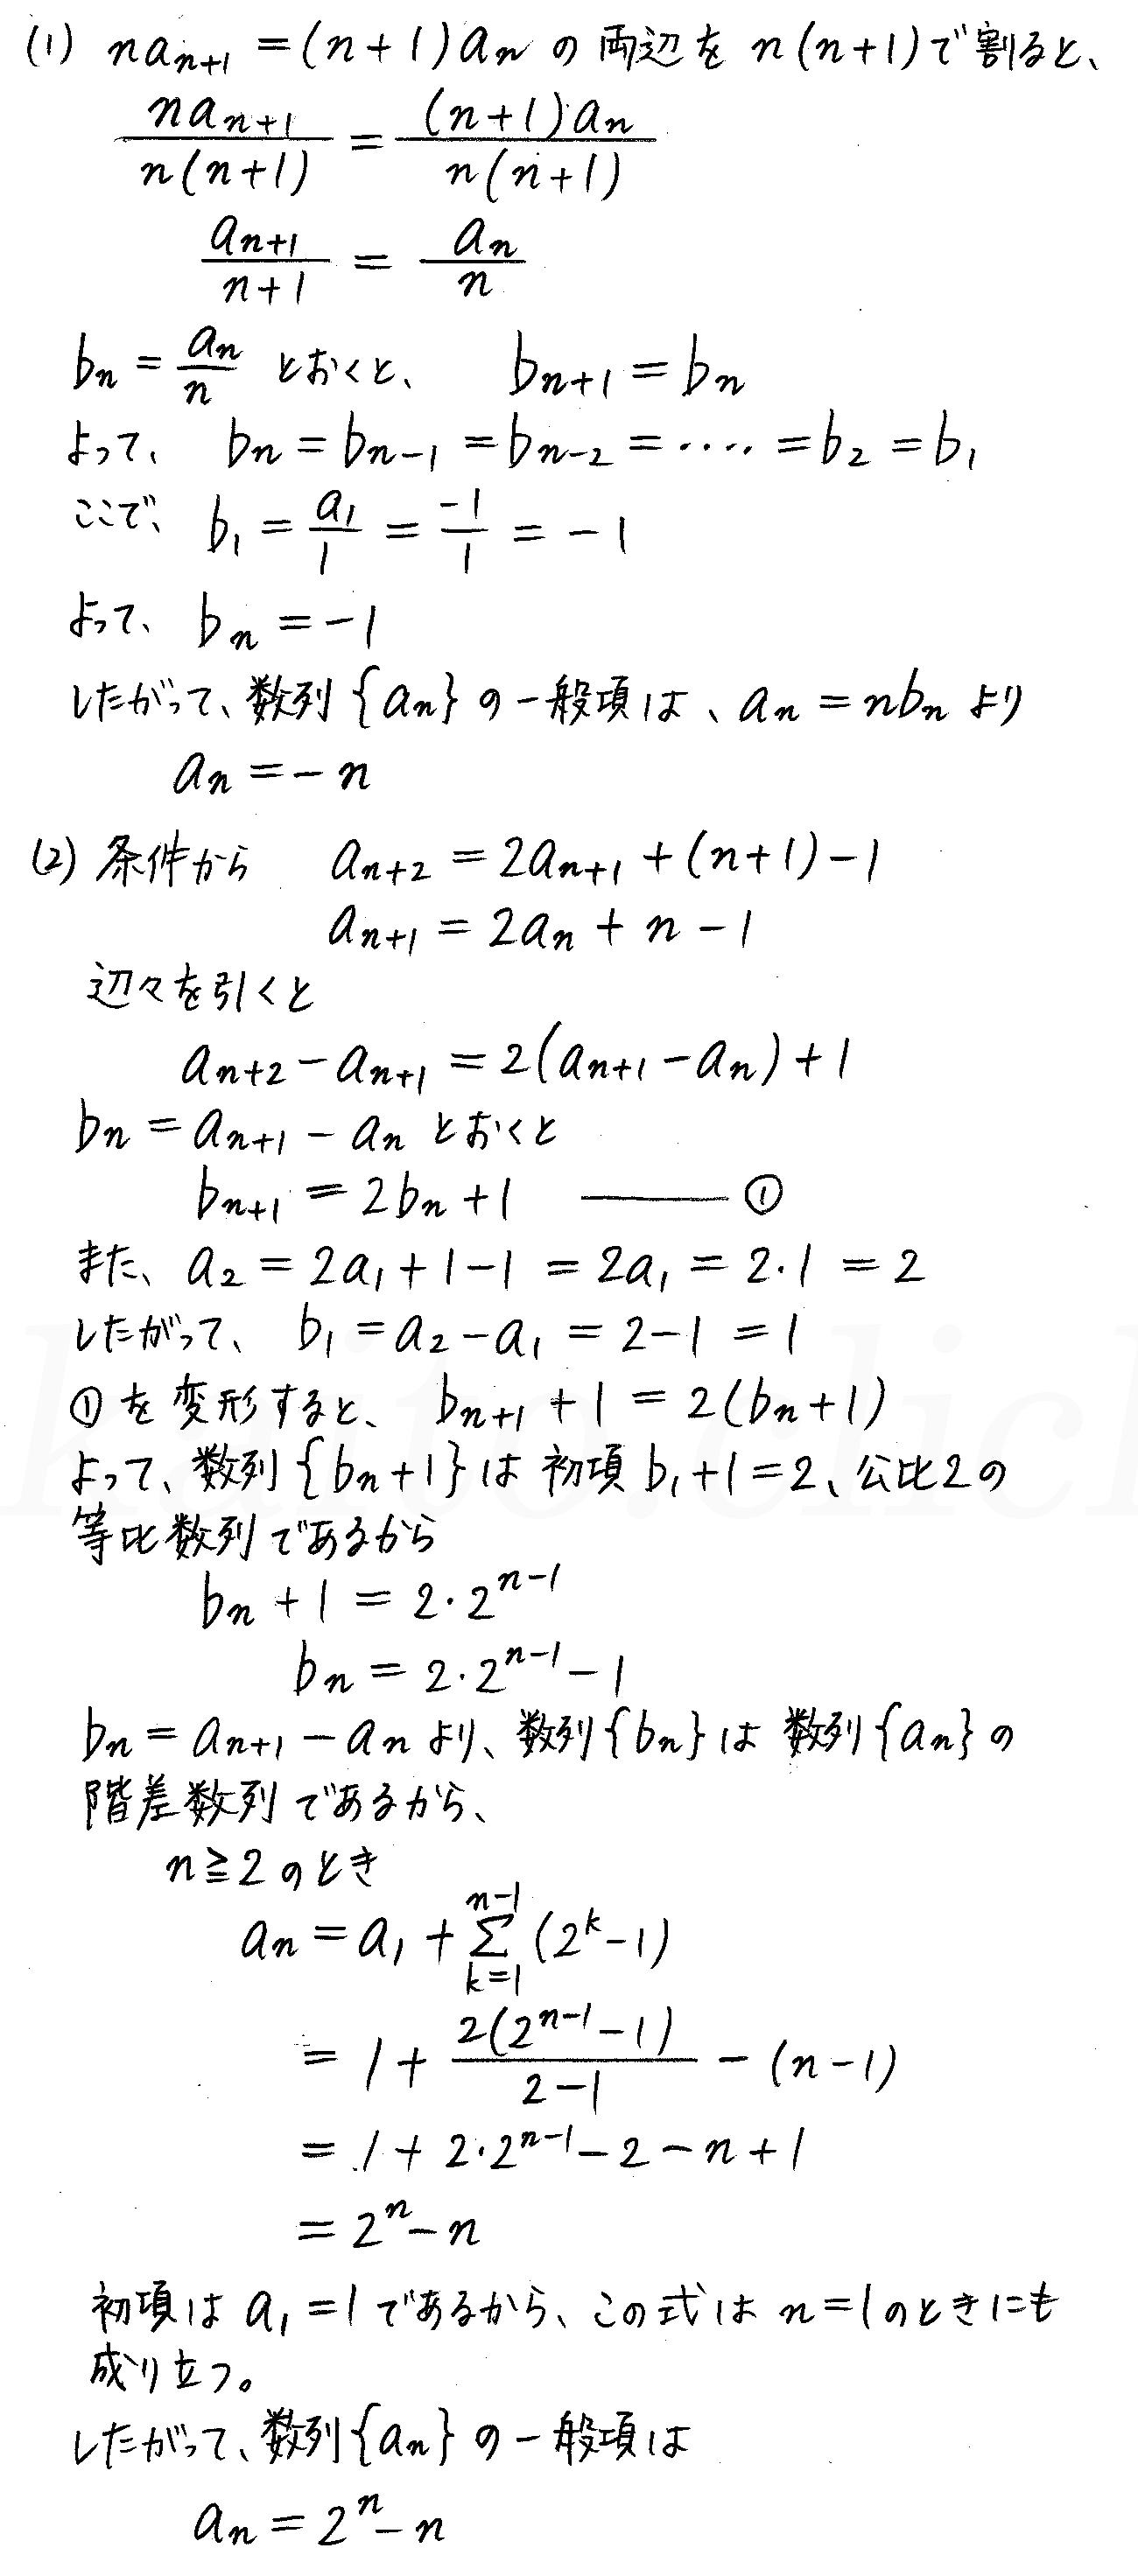 クリアー数学B-230解答